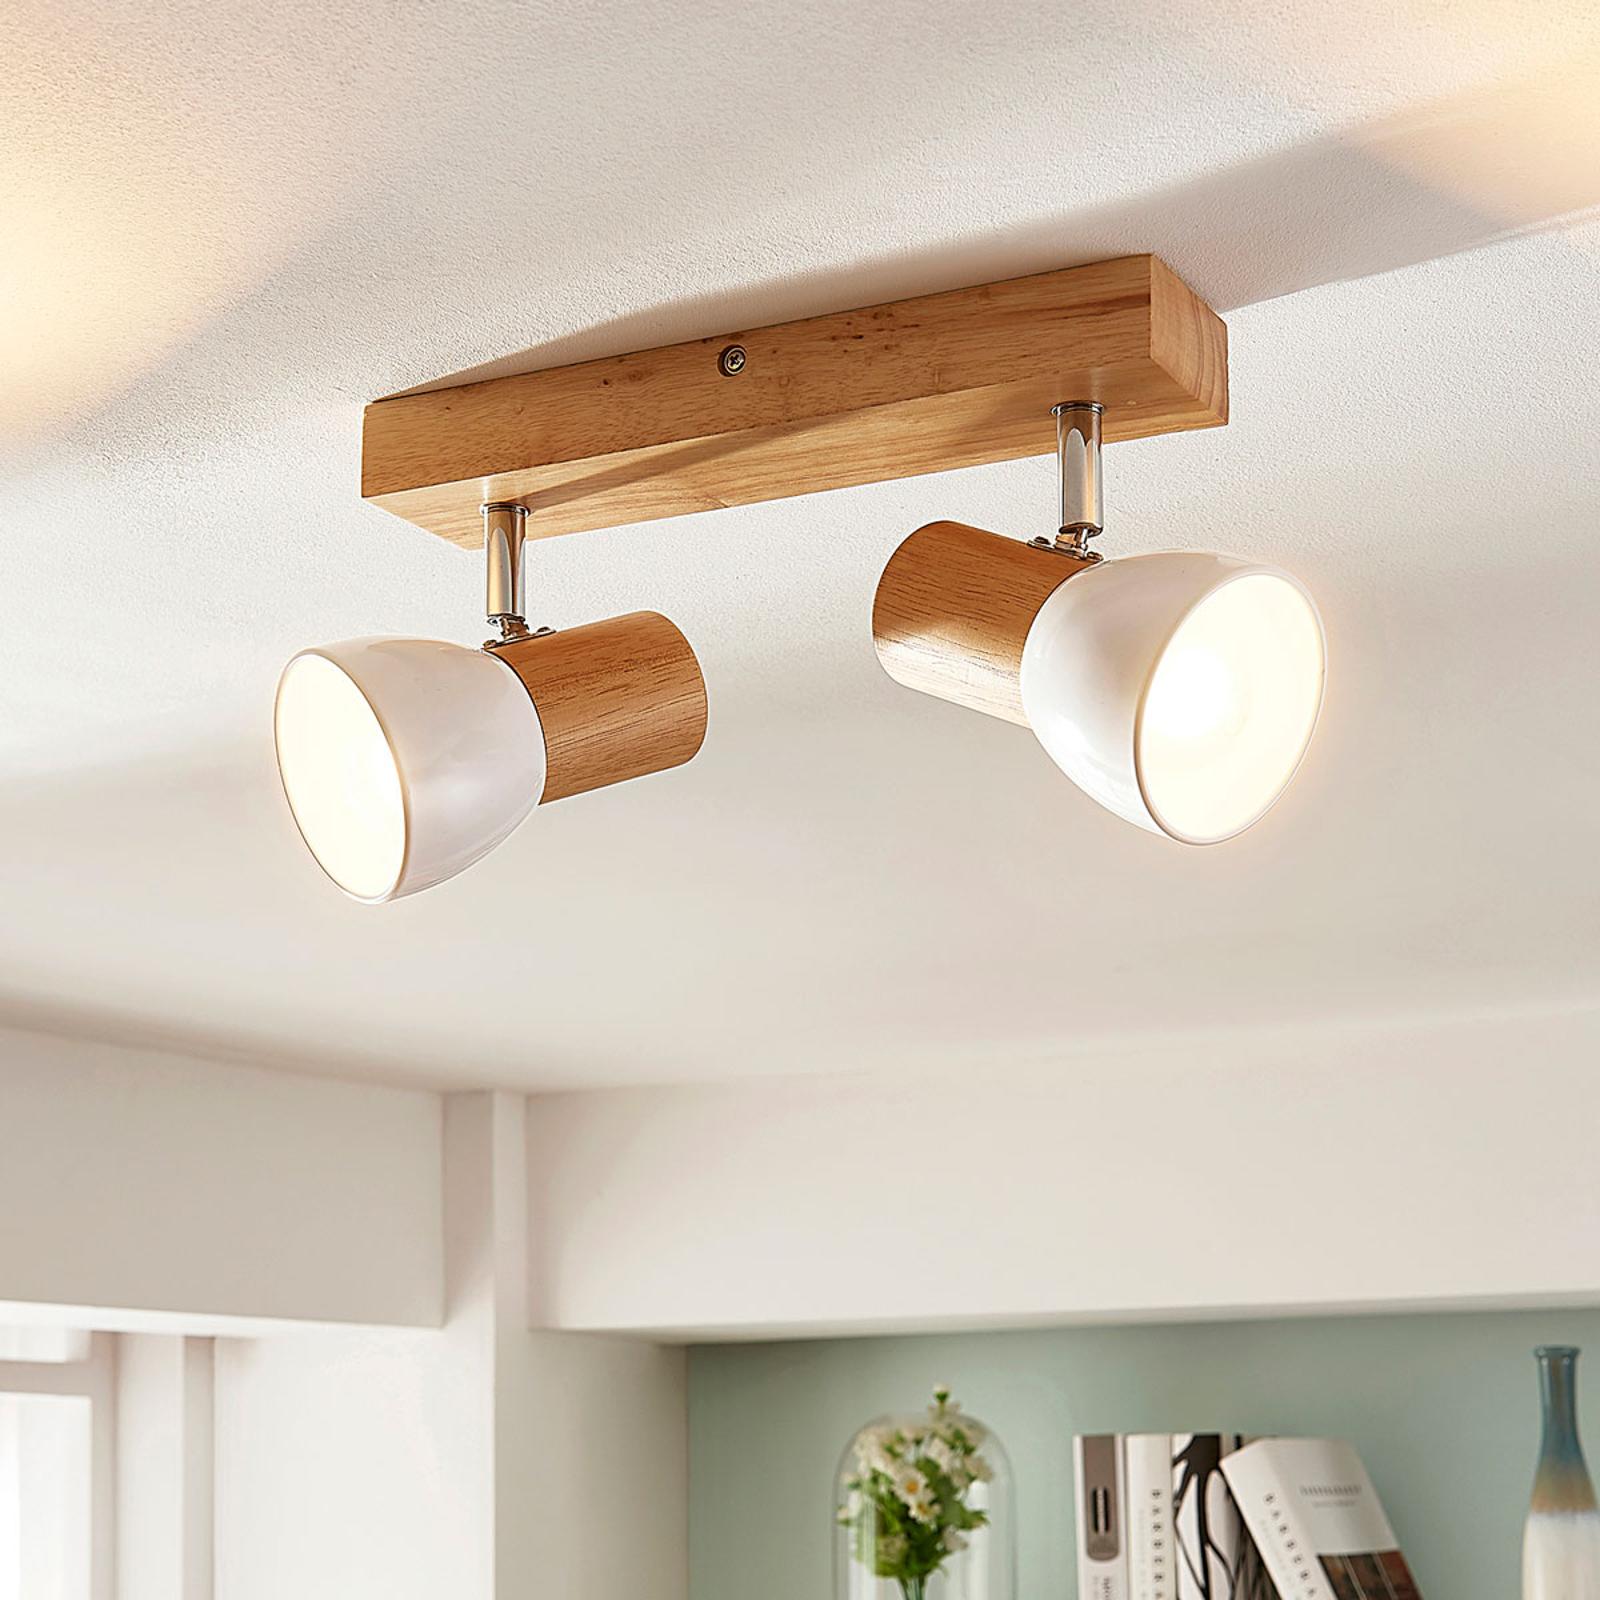 Thorin - loftlampe i træ med to lyskilder